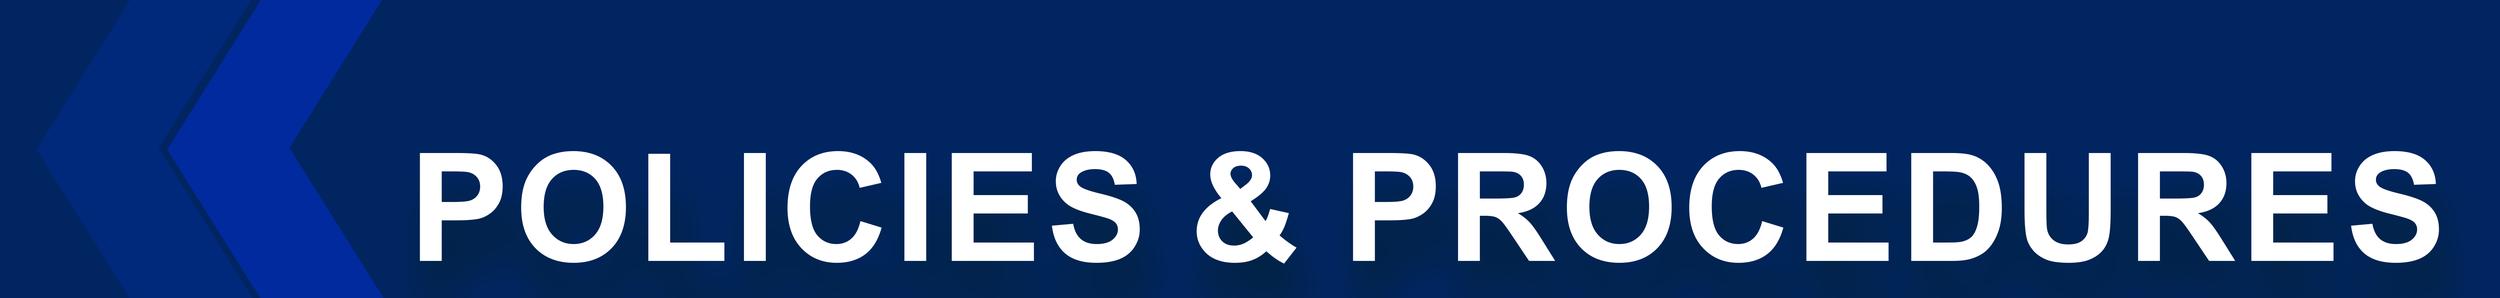 Policies & Procedures page banner